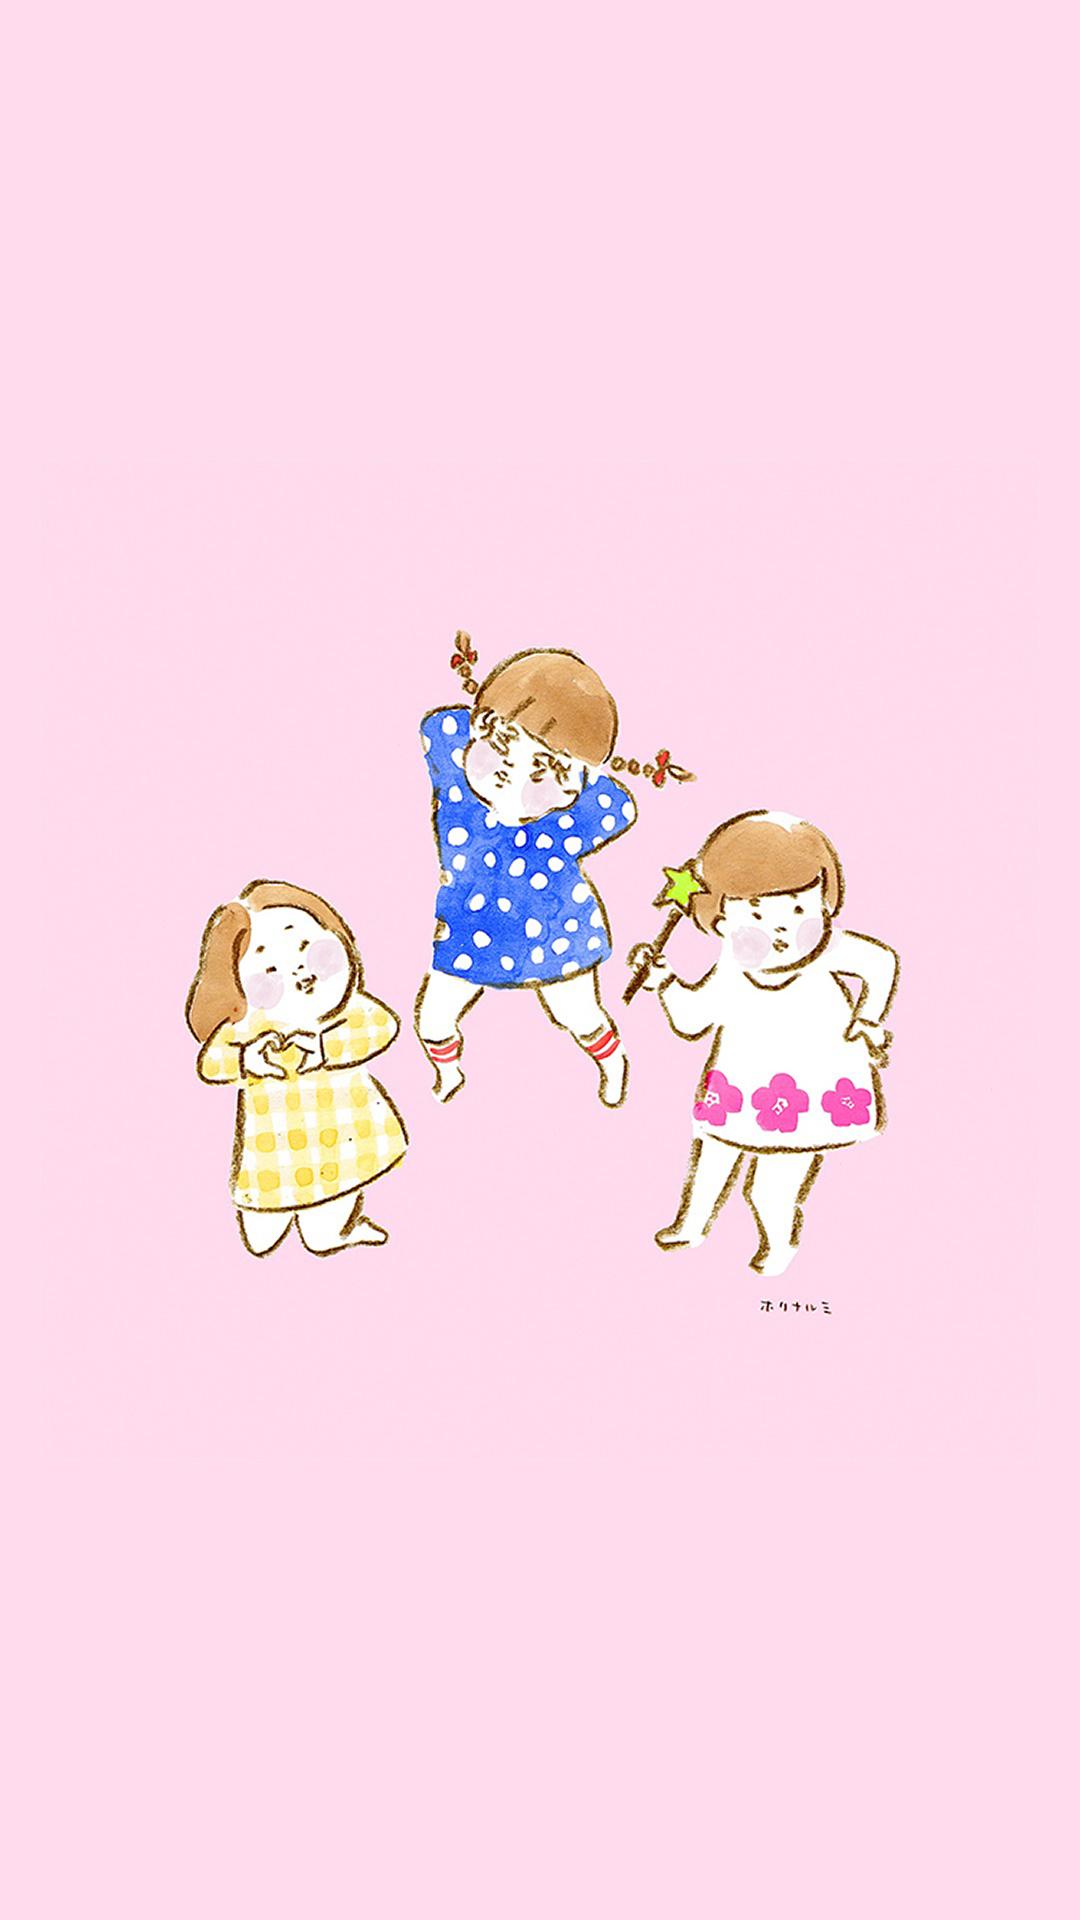 可爱童年小女孩 手绘 苹果手机高清壁纸 1080x1920